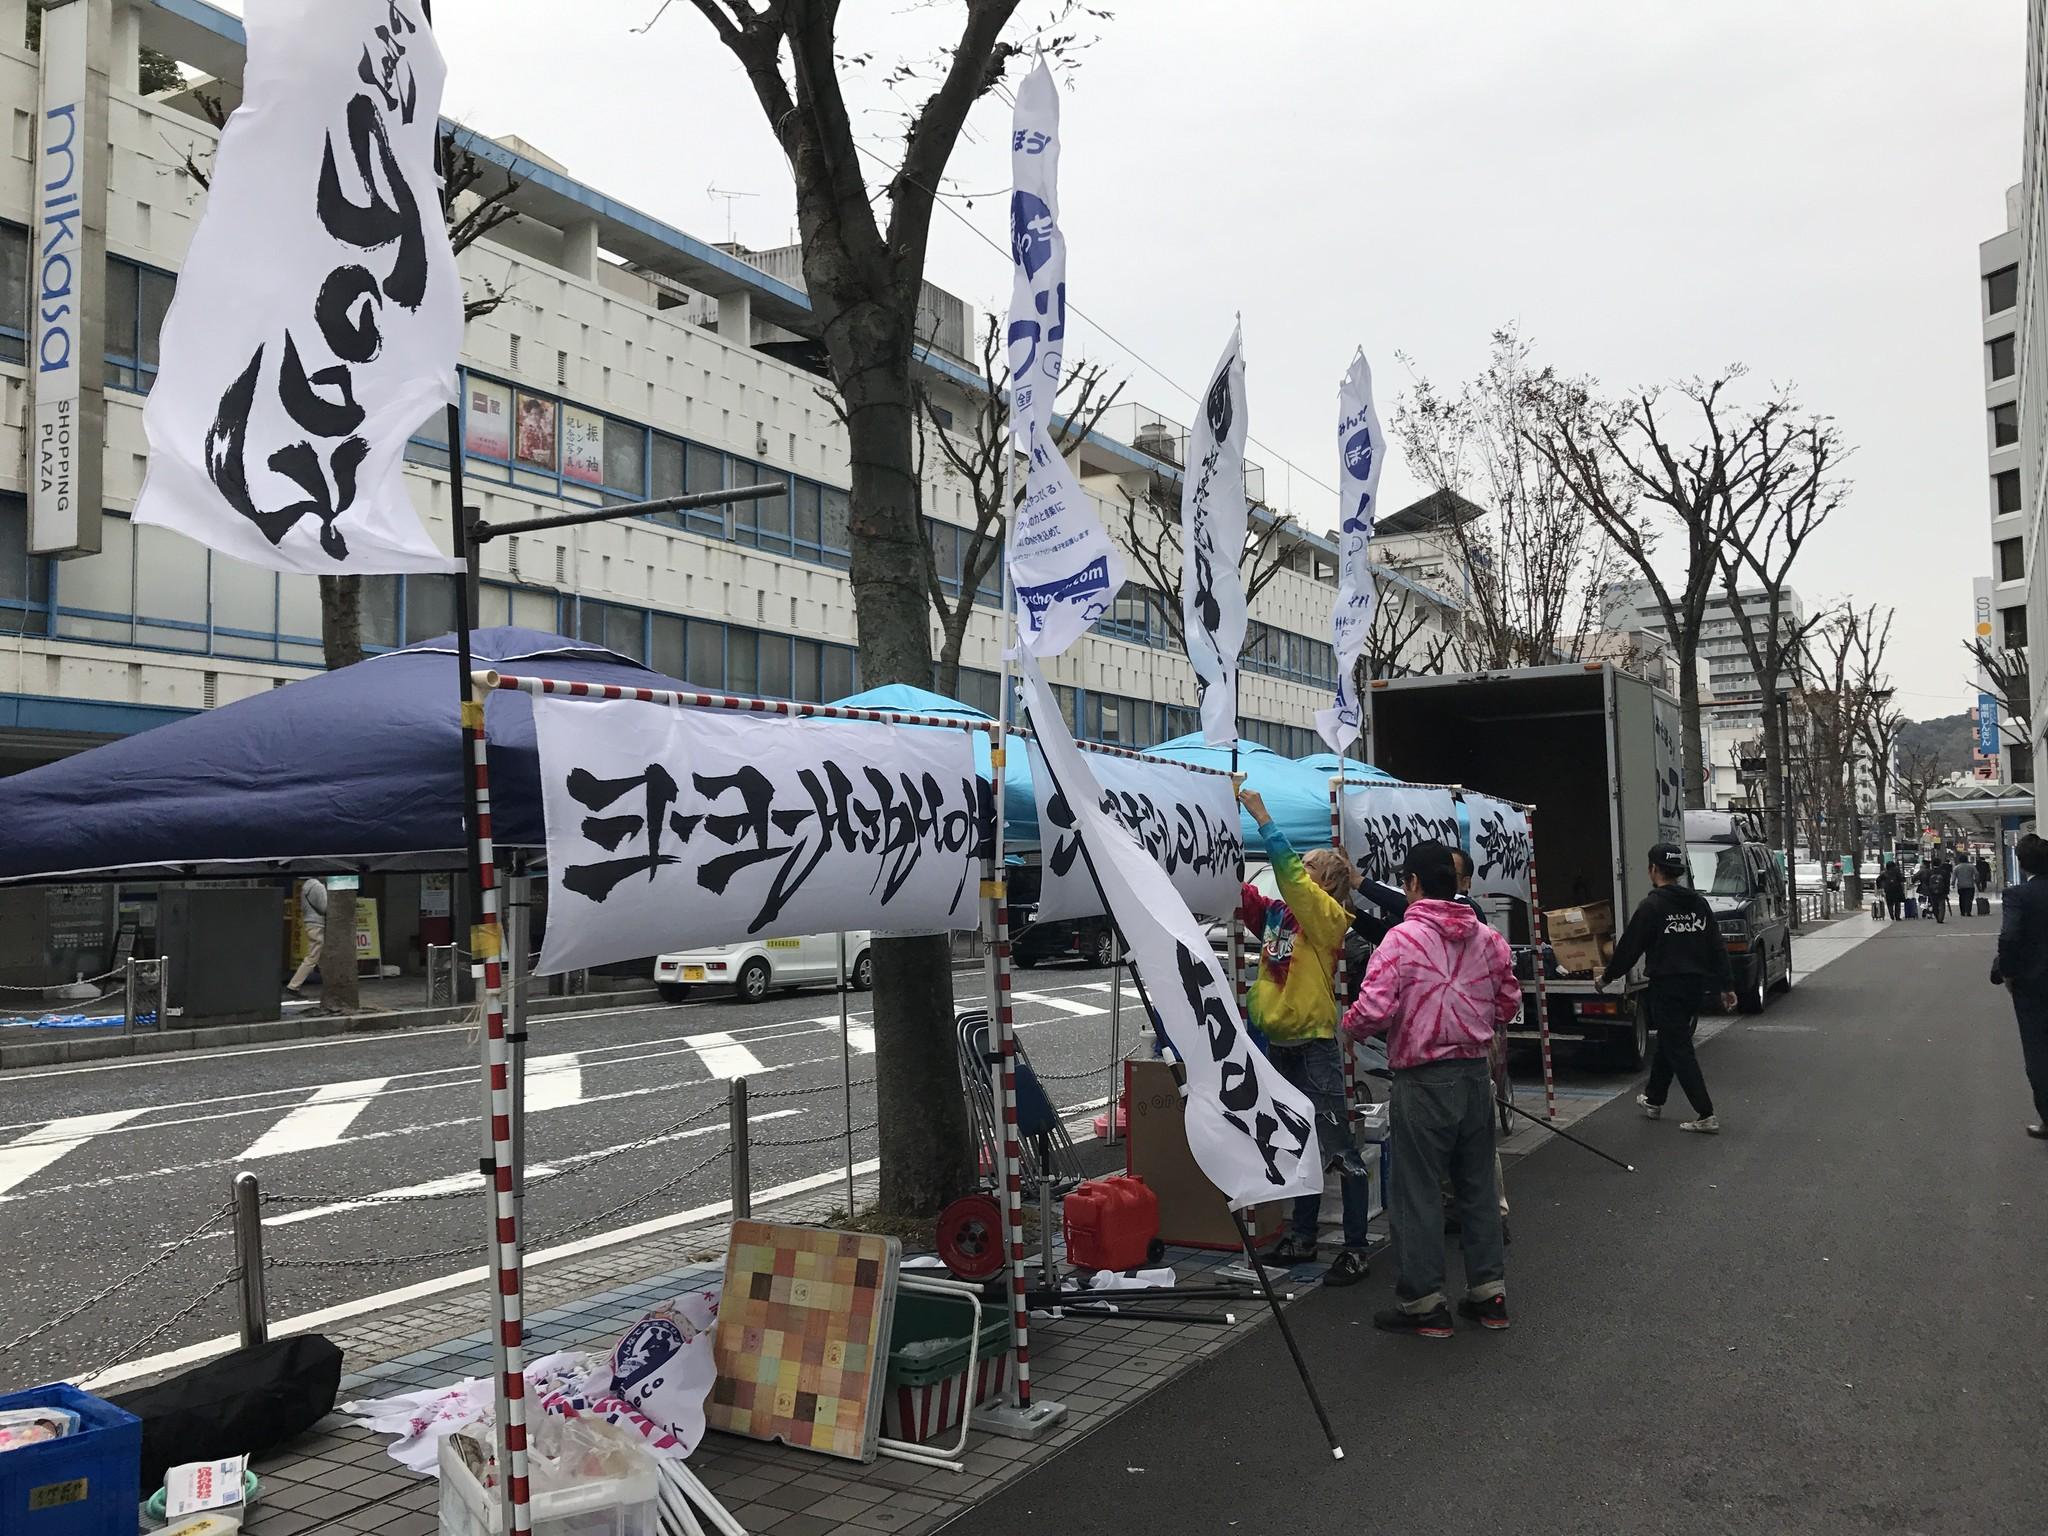 2017.10.28 ぼっちぼっちフェス in ヨコスカハロウィンフェスティバル